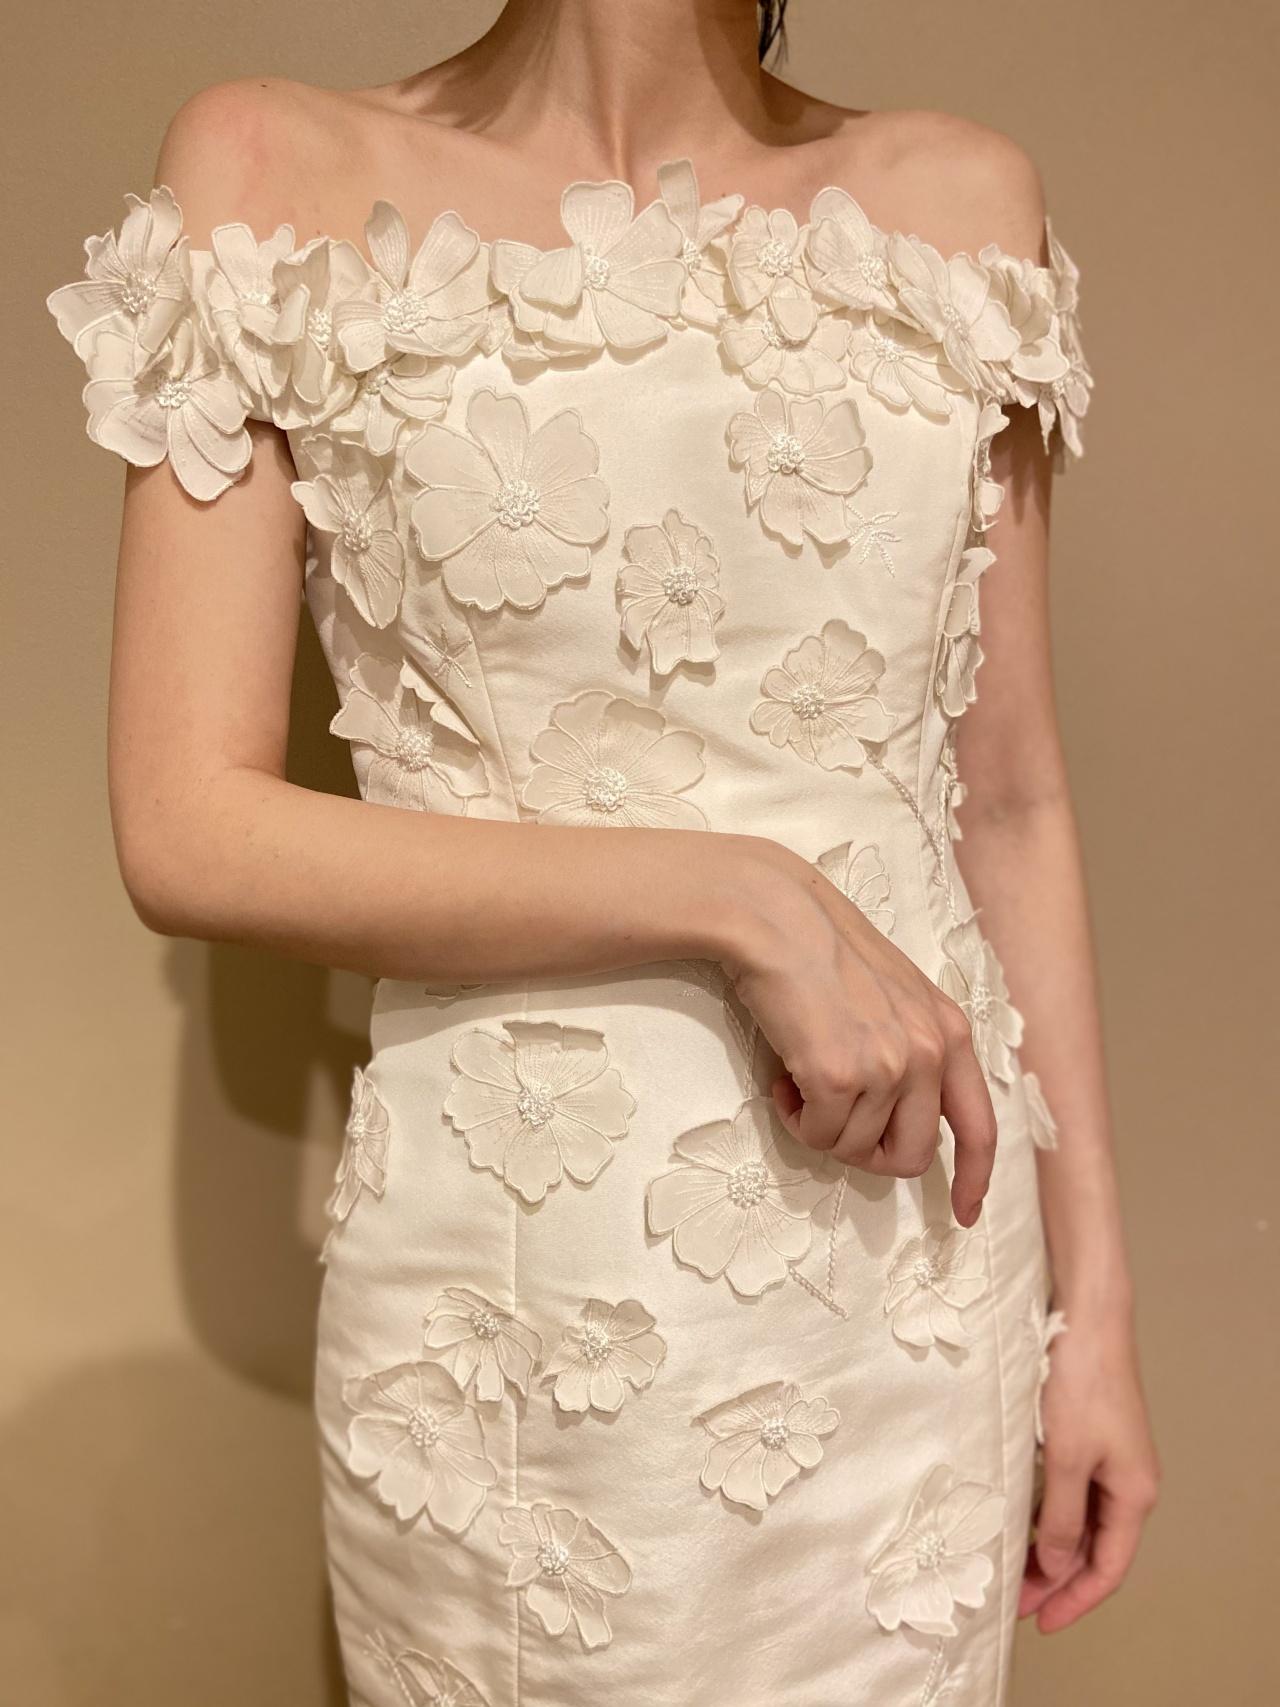 ザ・トリートドレッシング福岡店の提携式場のザ・ルイガンズのシックな会場におすすめの、オスカー・デ・ラ・レンタで細身のウエディングドレス